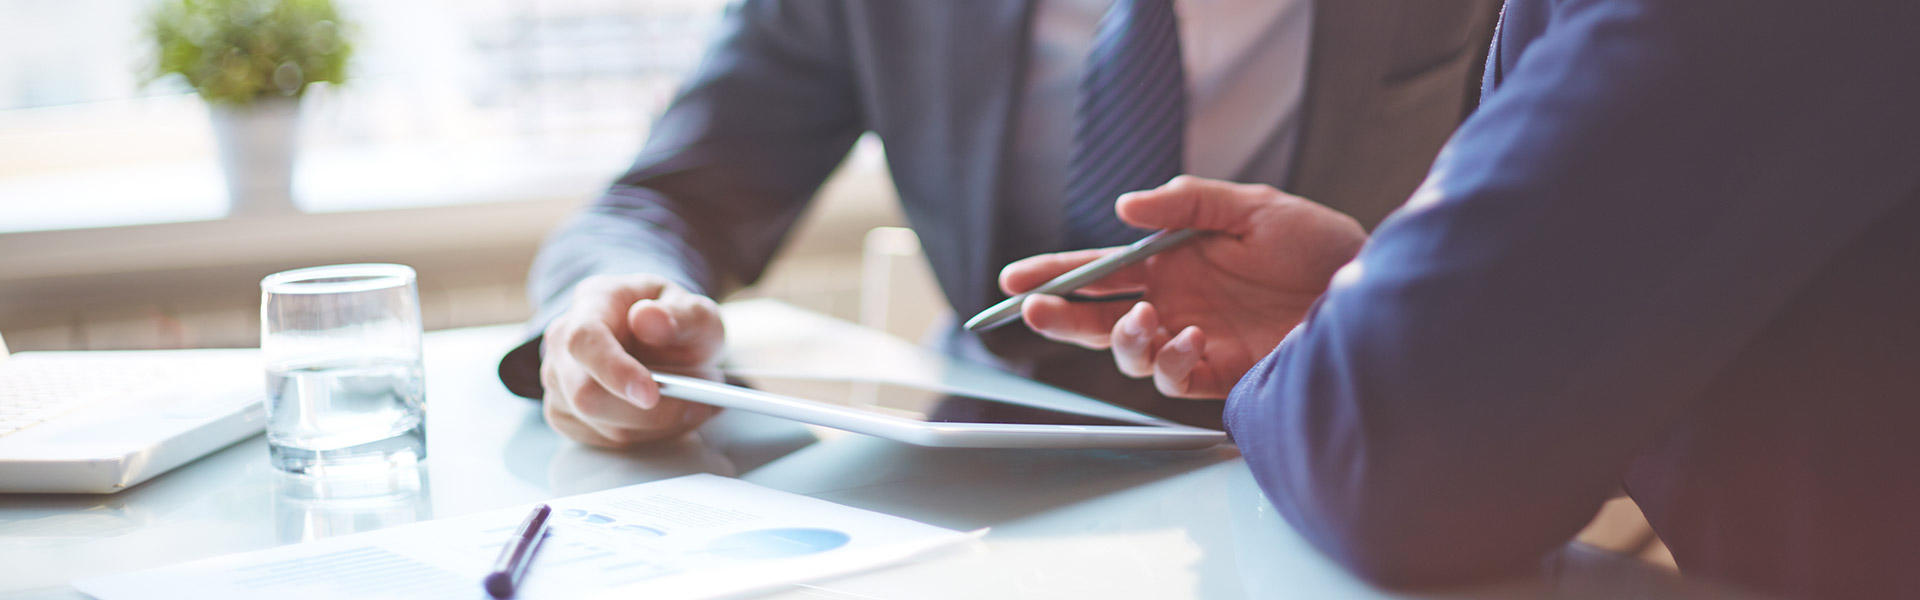 Kompenzacije Verižne kompenzacije so večstranski dogovor za pobot obveznosti in terjatev in omogočajo učinkovit način unovčevanja terjatev.